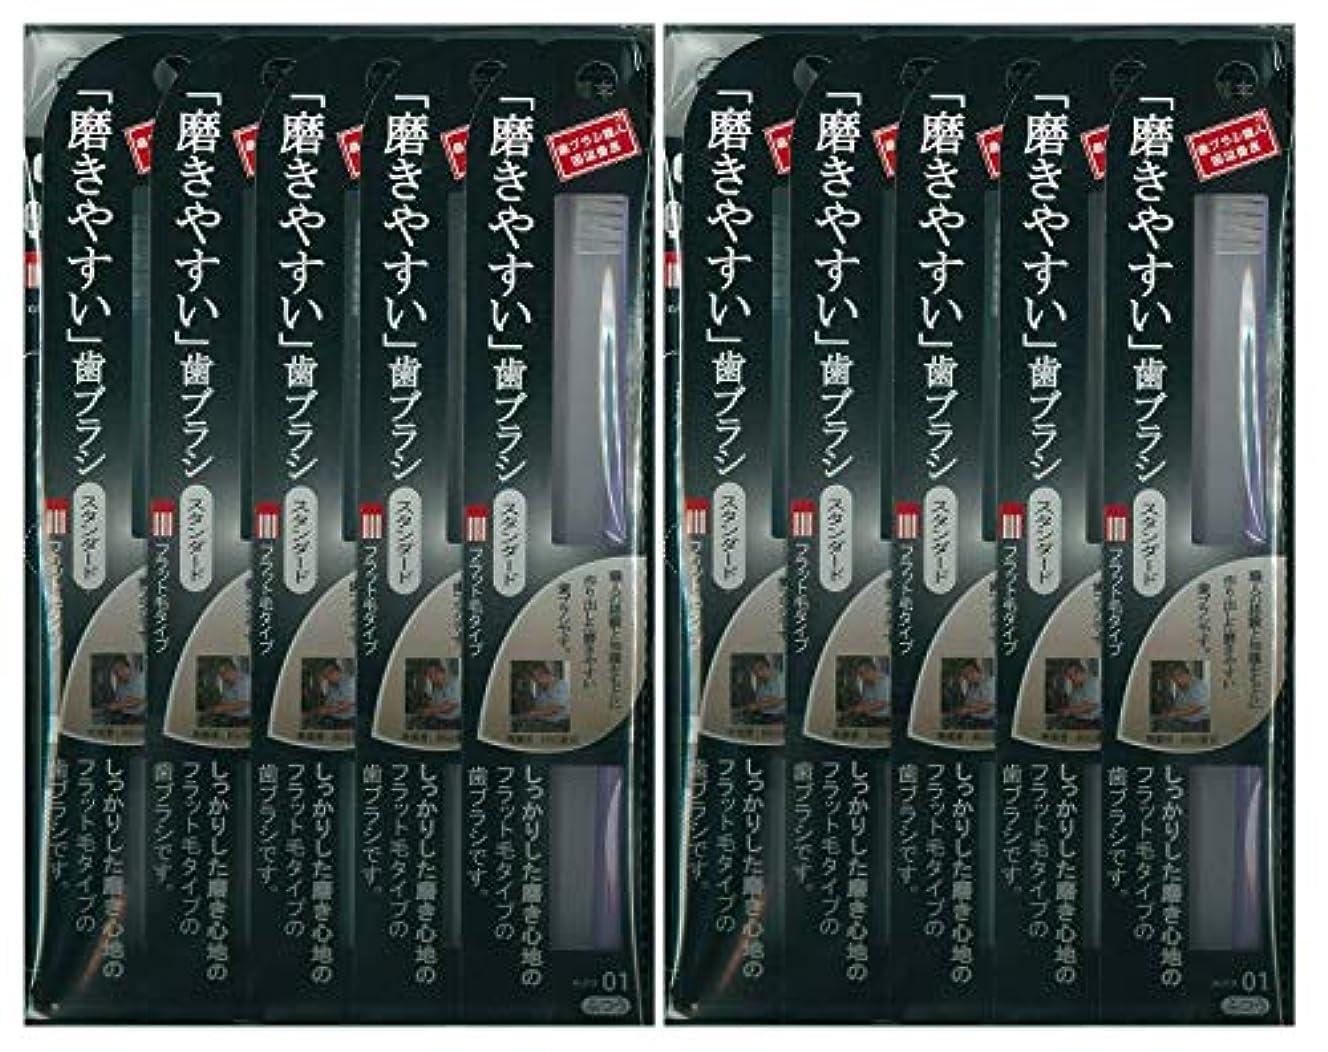 平和的管理者幸運なことに歯ブラシ職人 田辺重吉考案 磨きやすい歯ブラシ ふつう (フラット) LT-01 1本入×24本セット